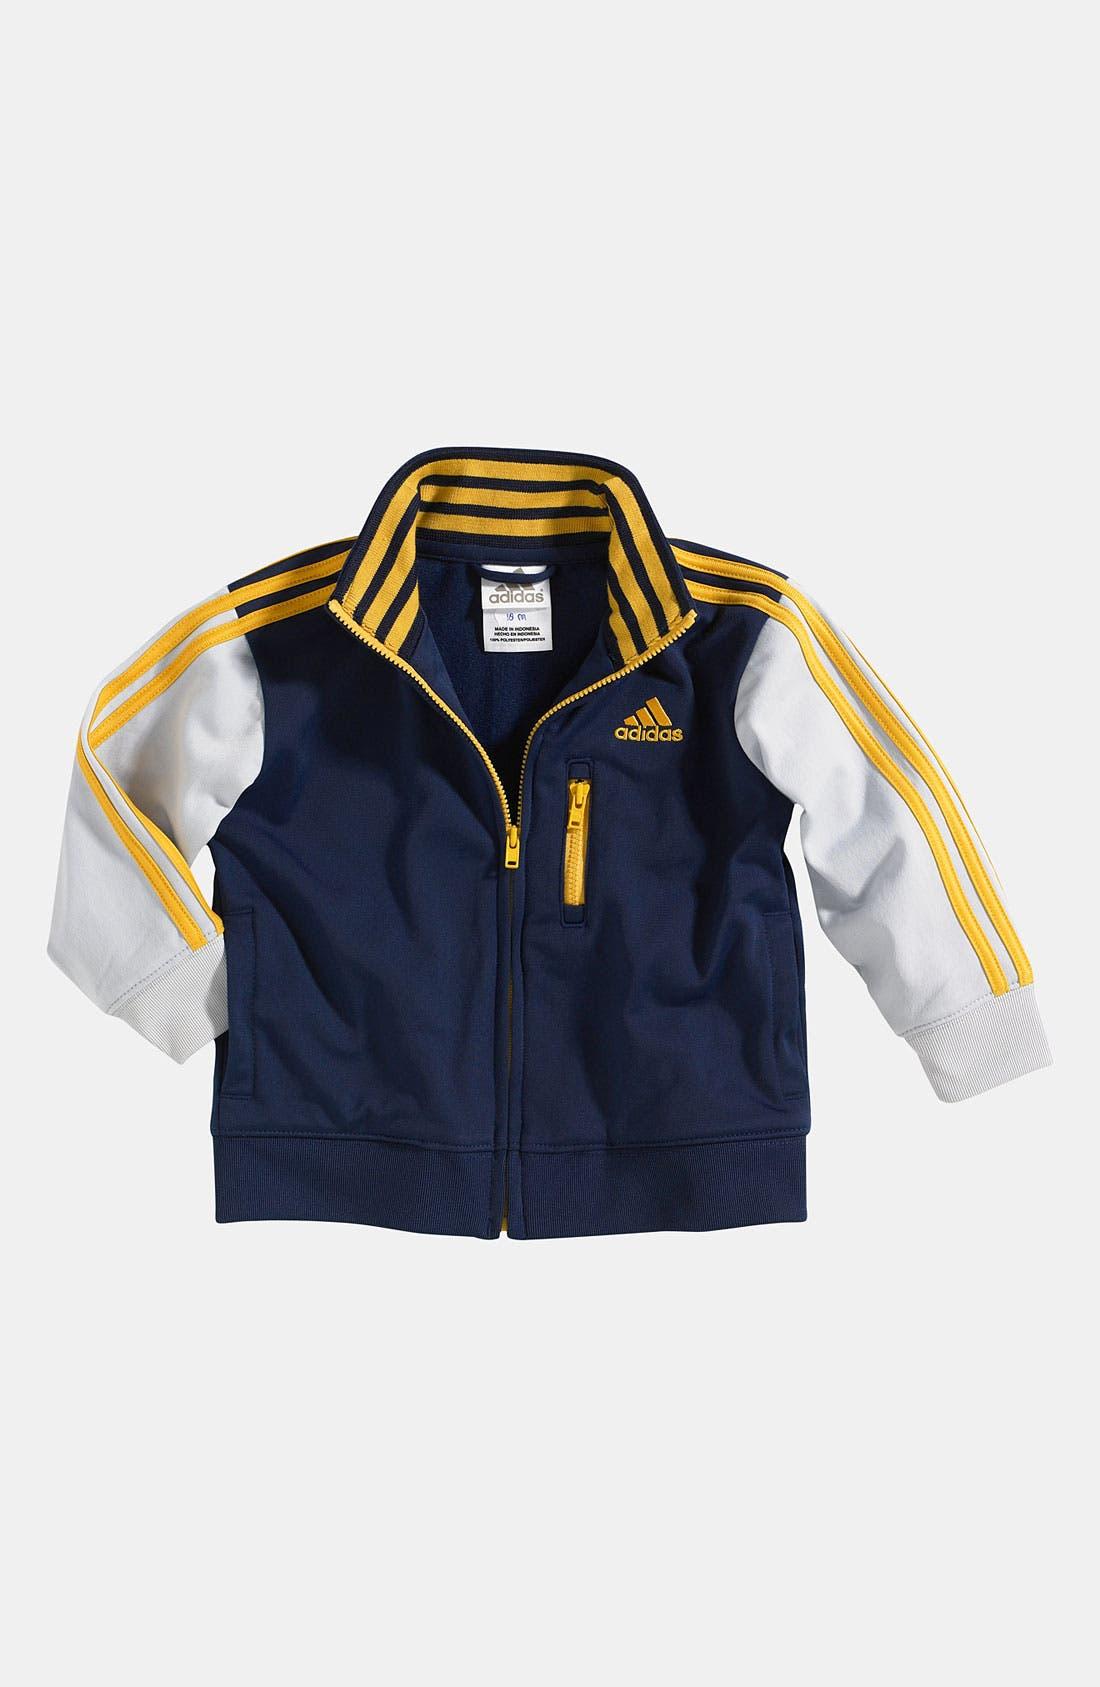 Main Image - adidas 'Varsity' Jacket (Infant)